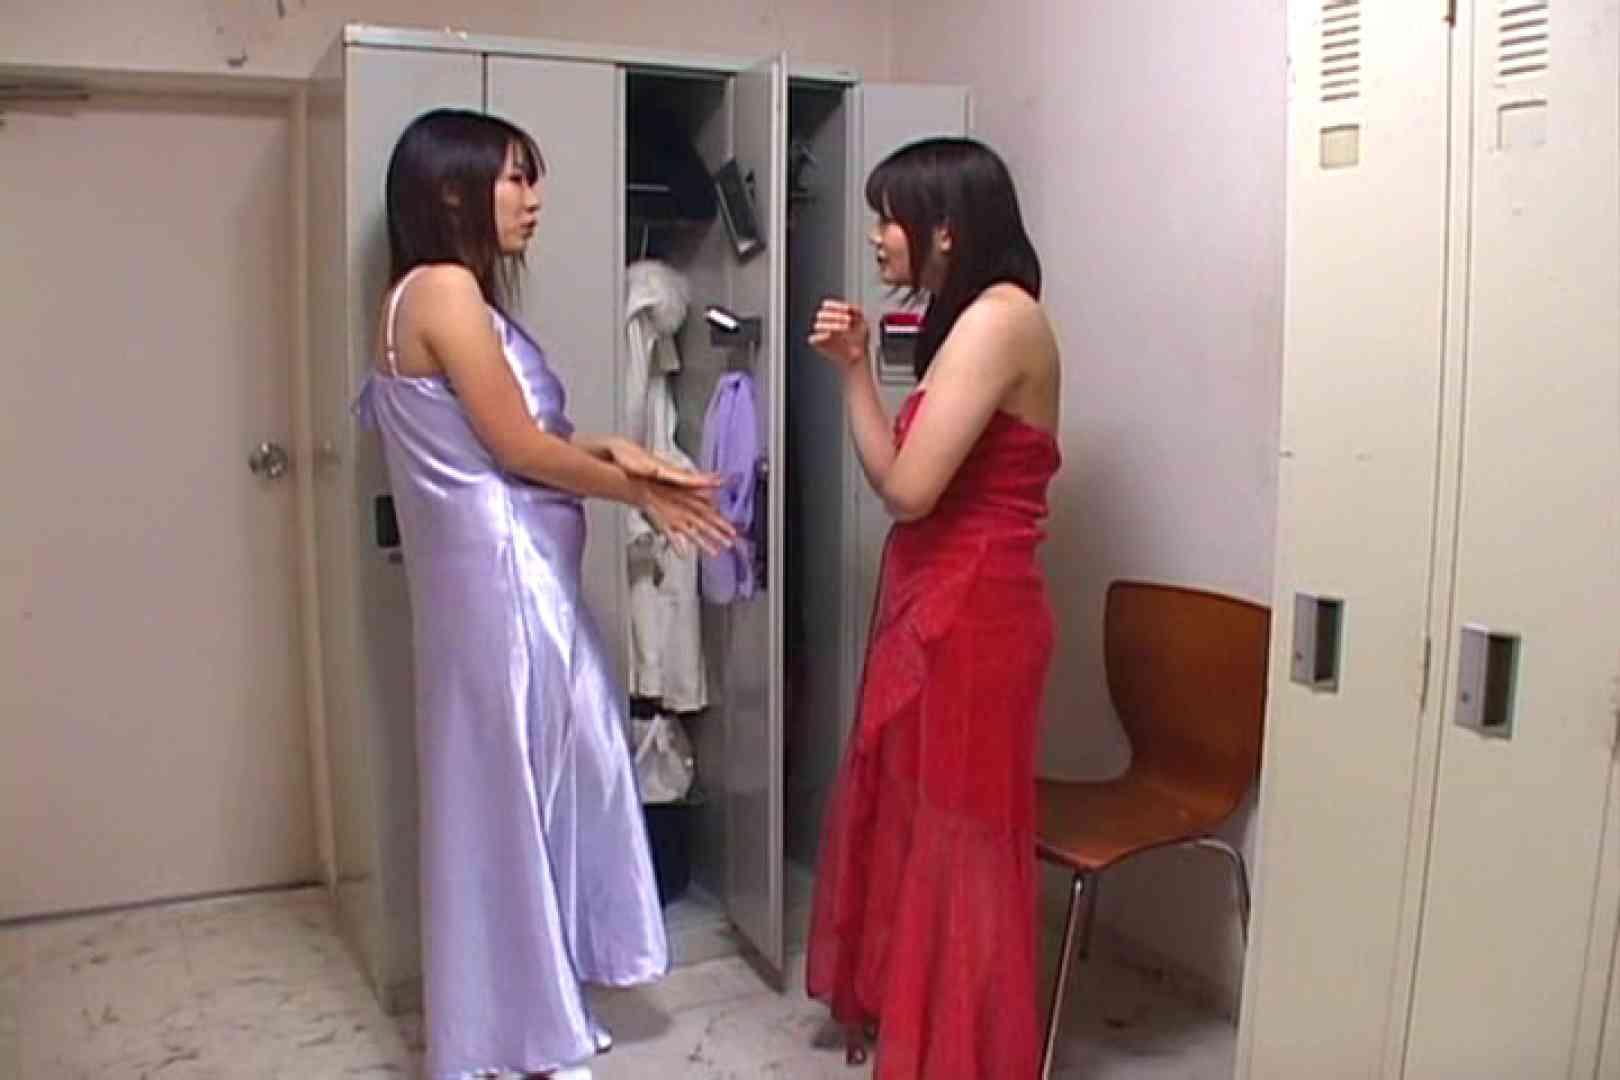 キャバ嬢舞台裏Vol.6 キャバ嬢丸裸 のぞき動画画像 96pic 63